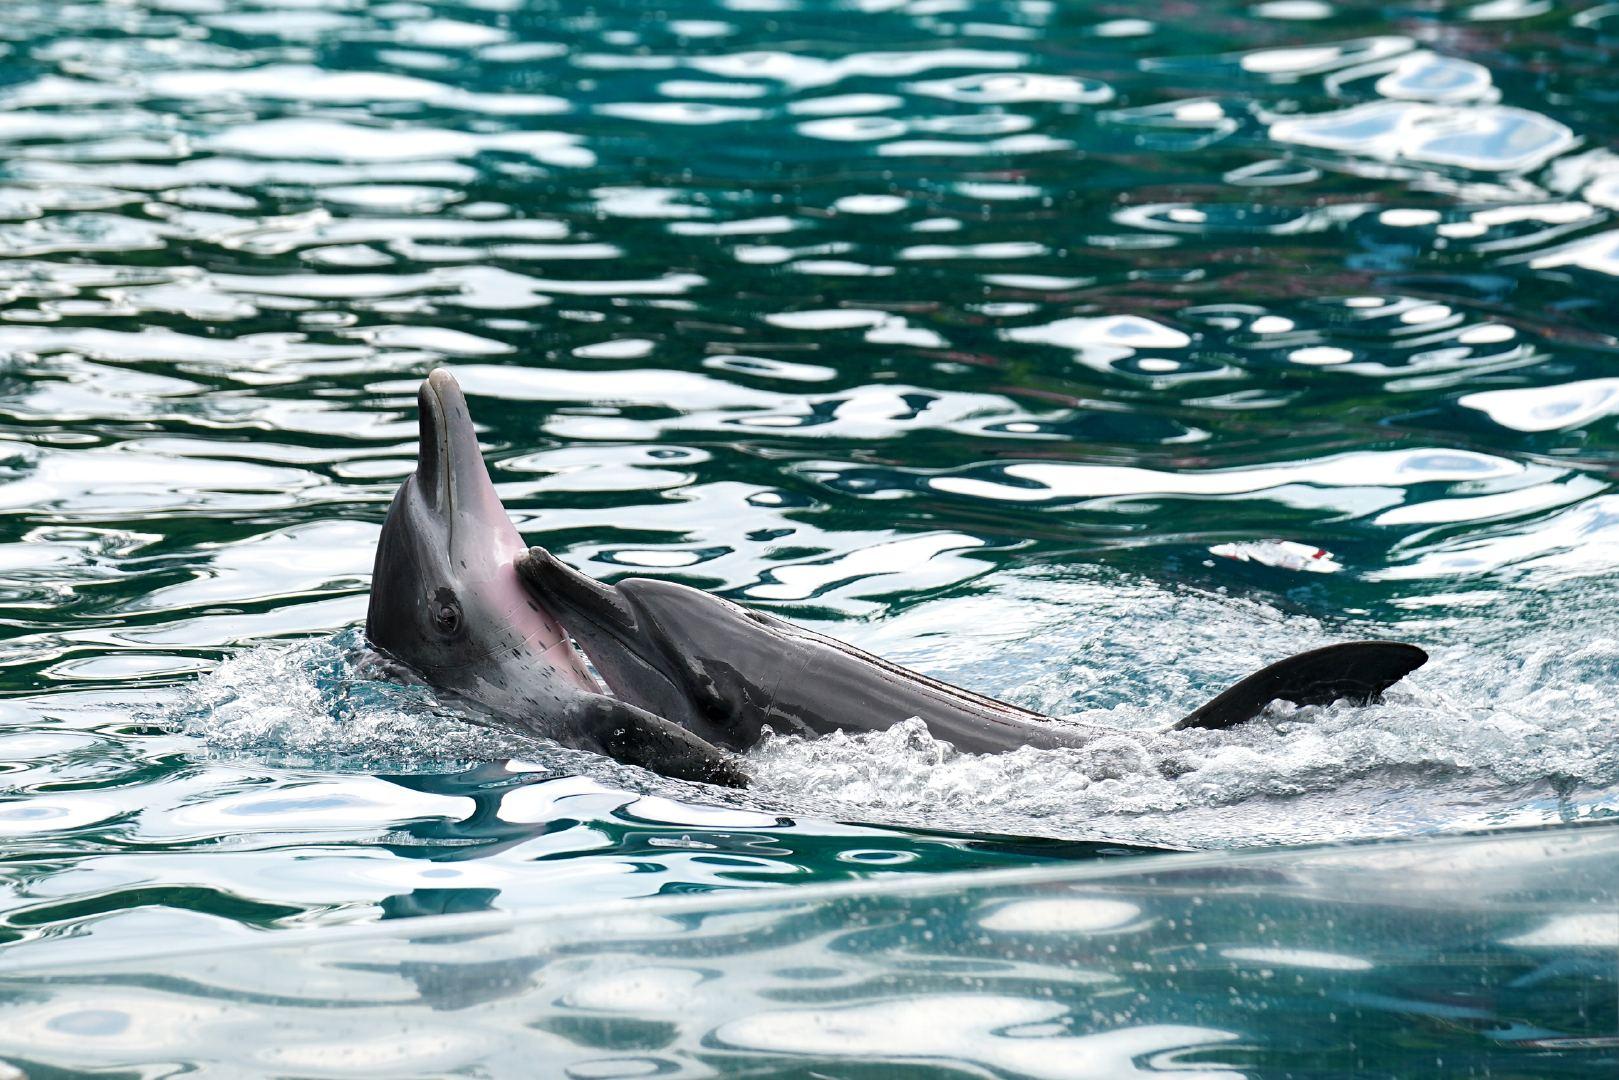 水族馆中畅游玩耍的可爱海豚超清壁纸